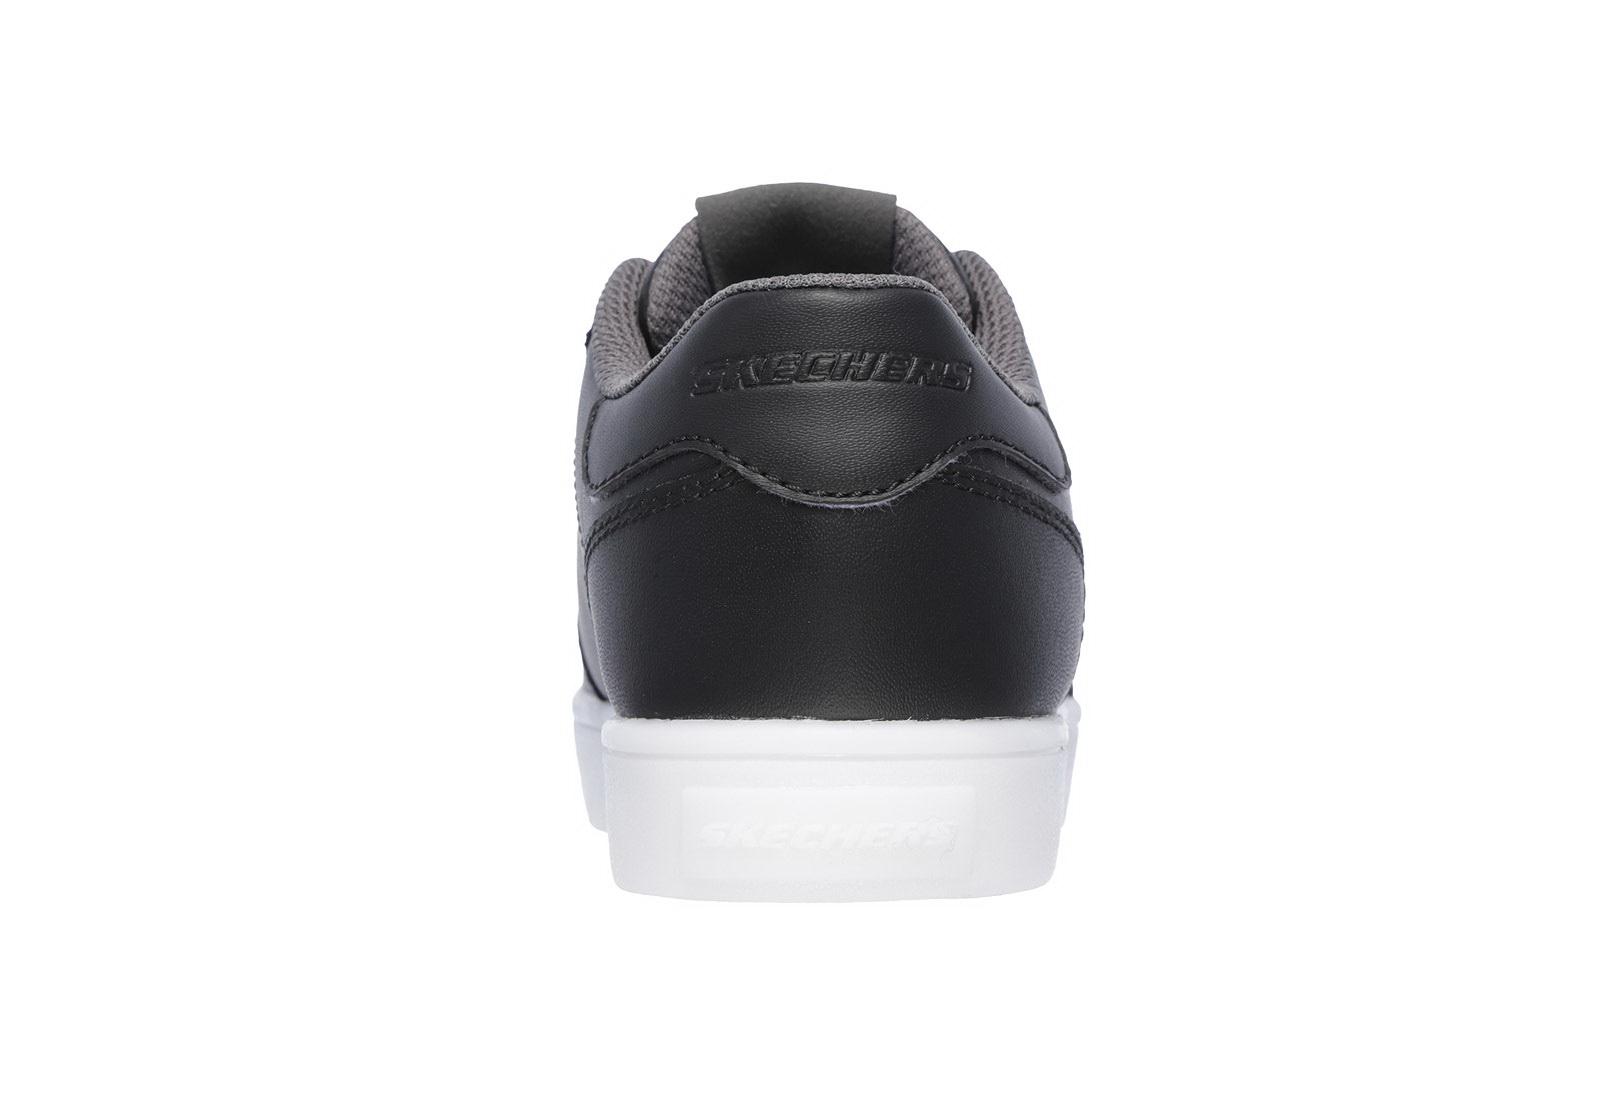 e424ac6b56db Skechers Shoes - Energy Lights - Elate - 90601l-blk - Online shop ...